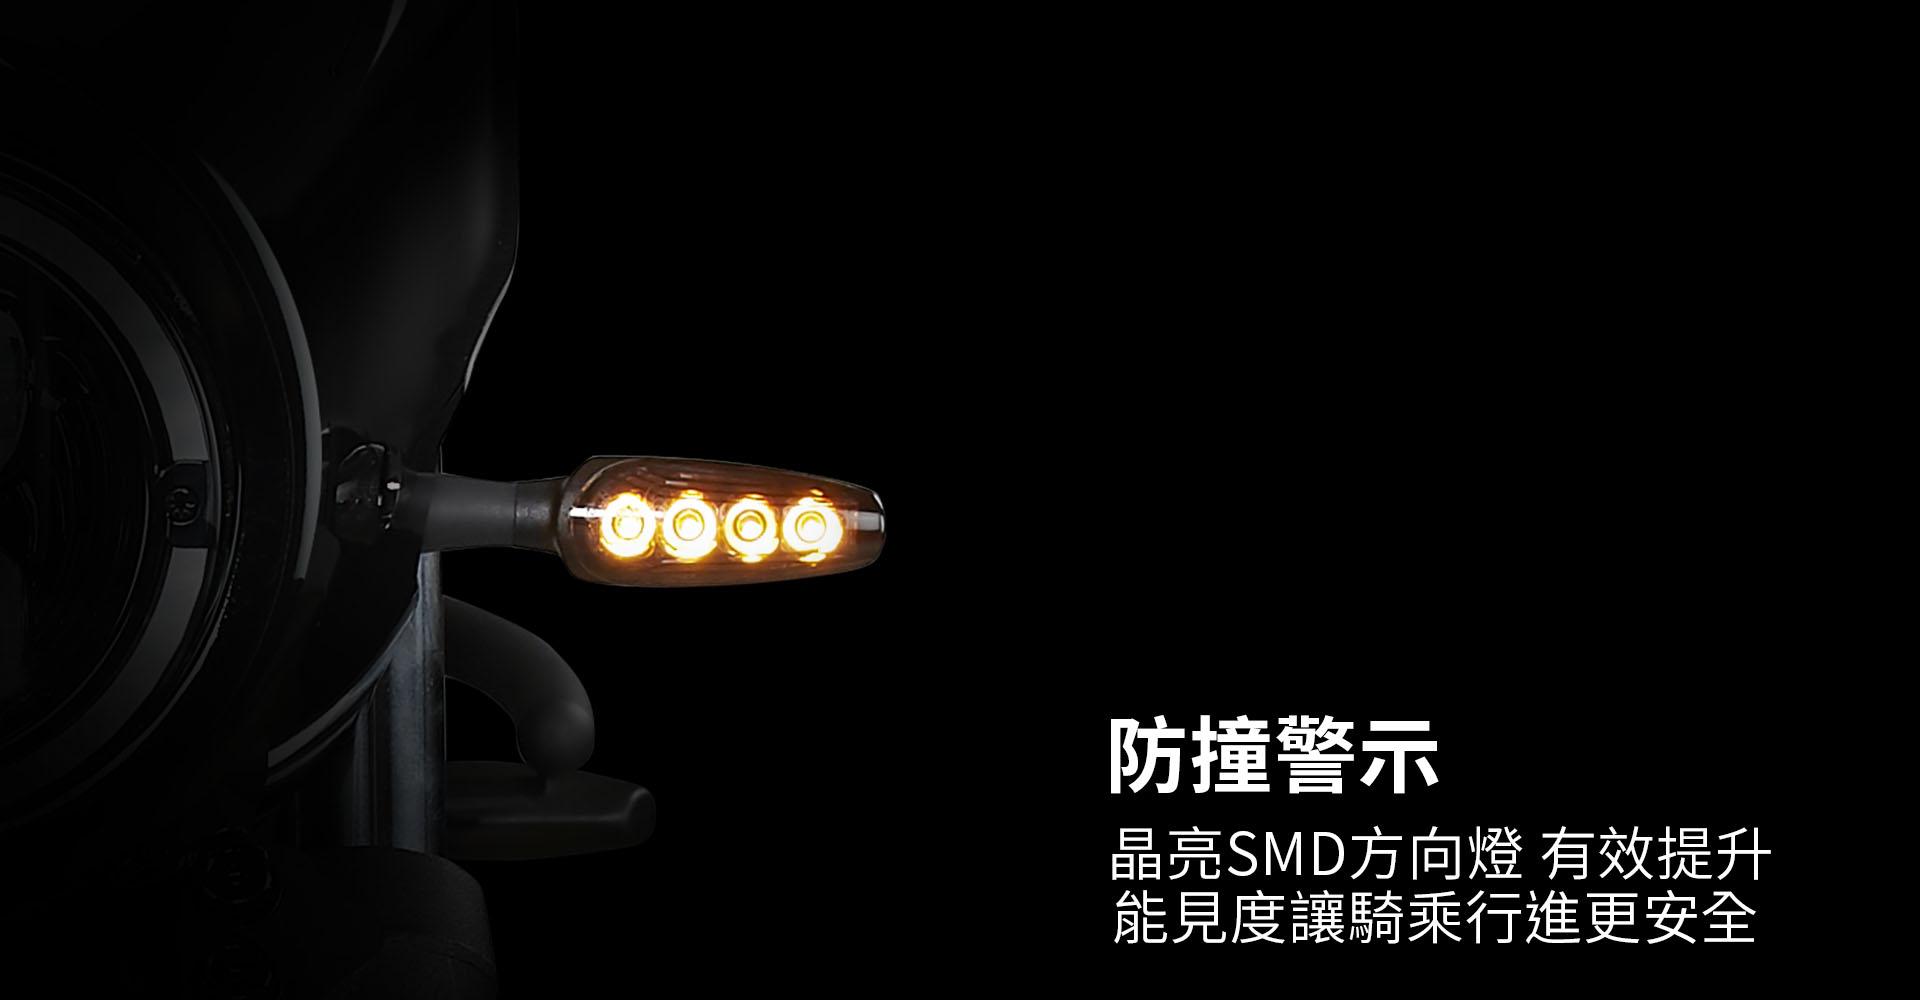 配備-2-2方向燈